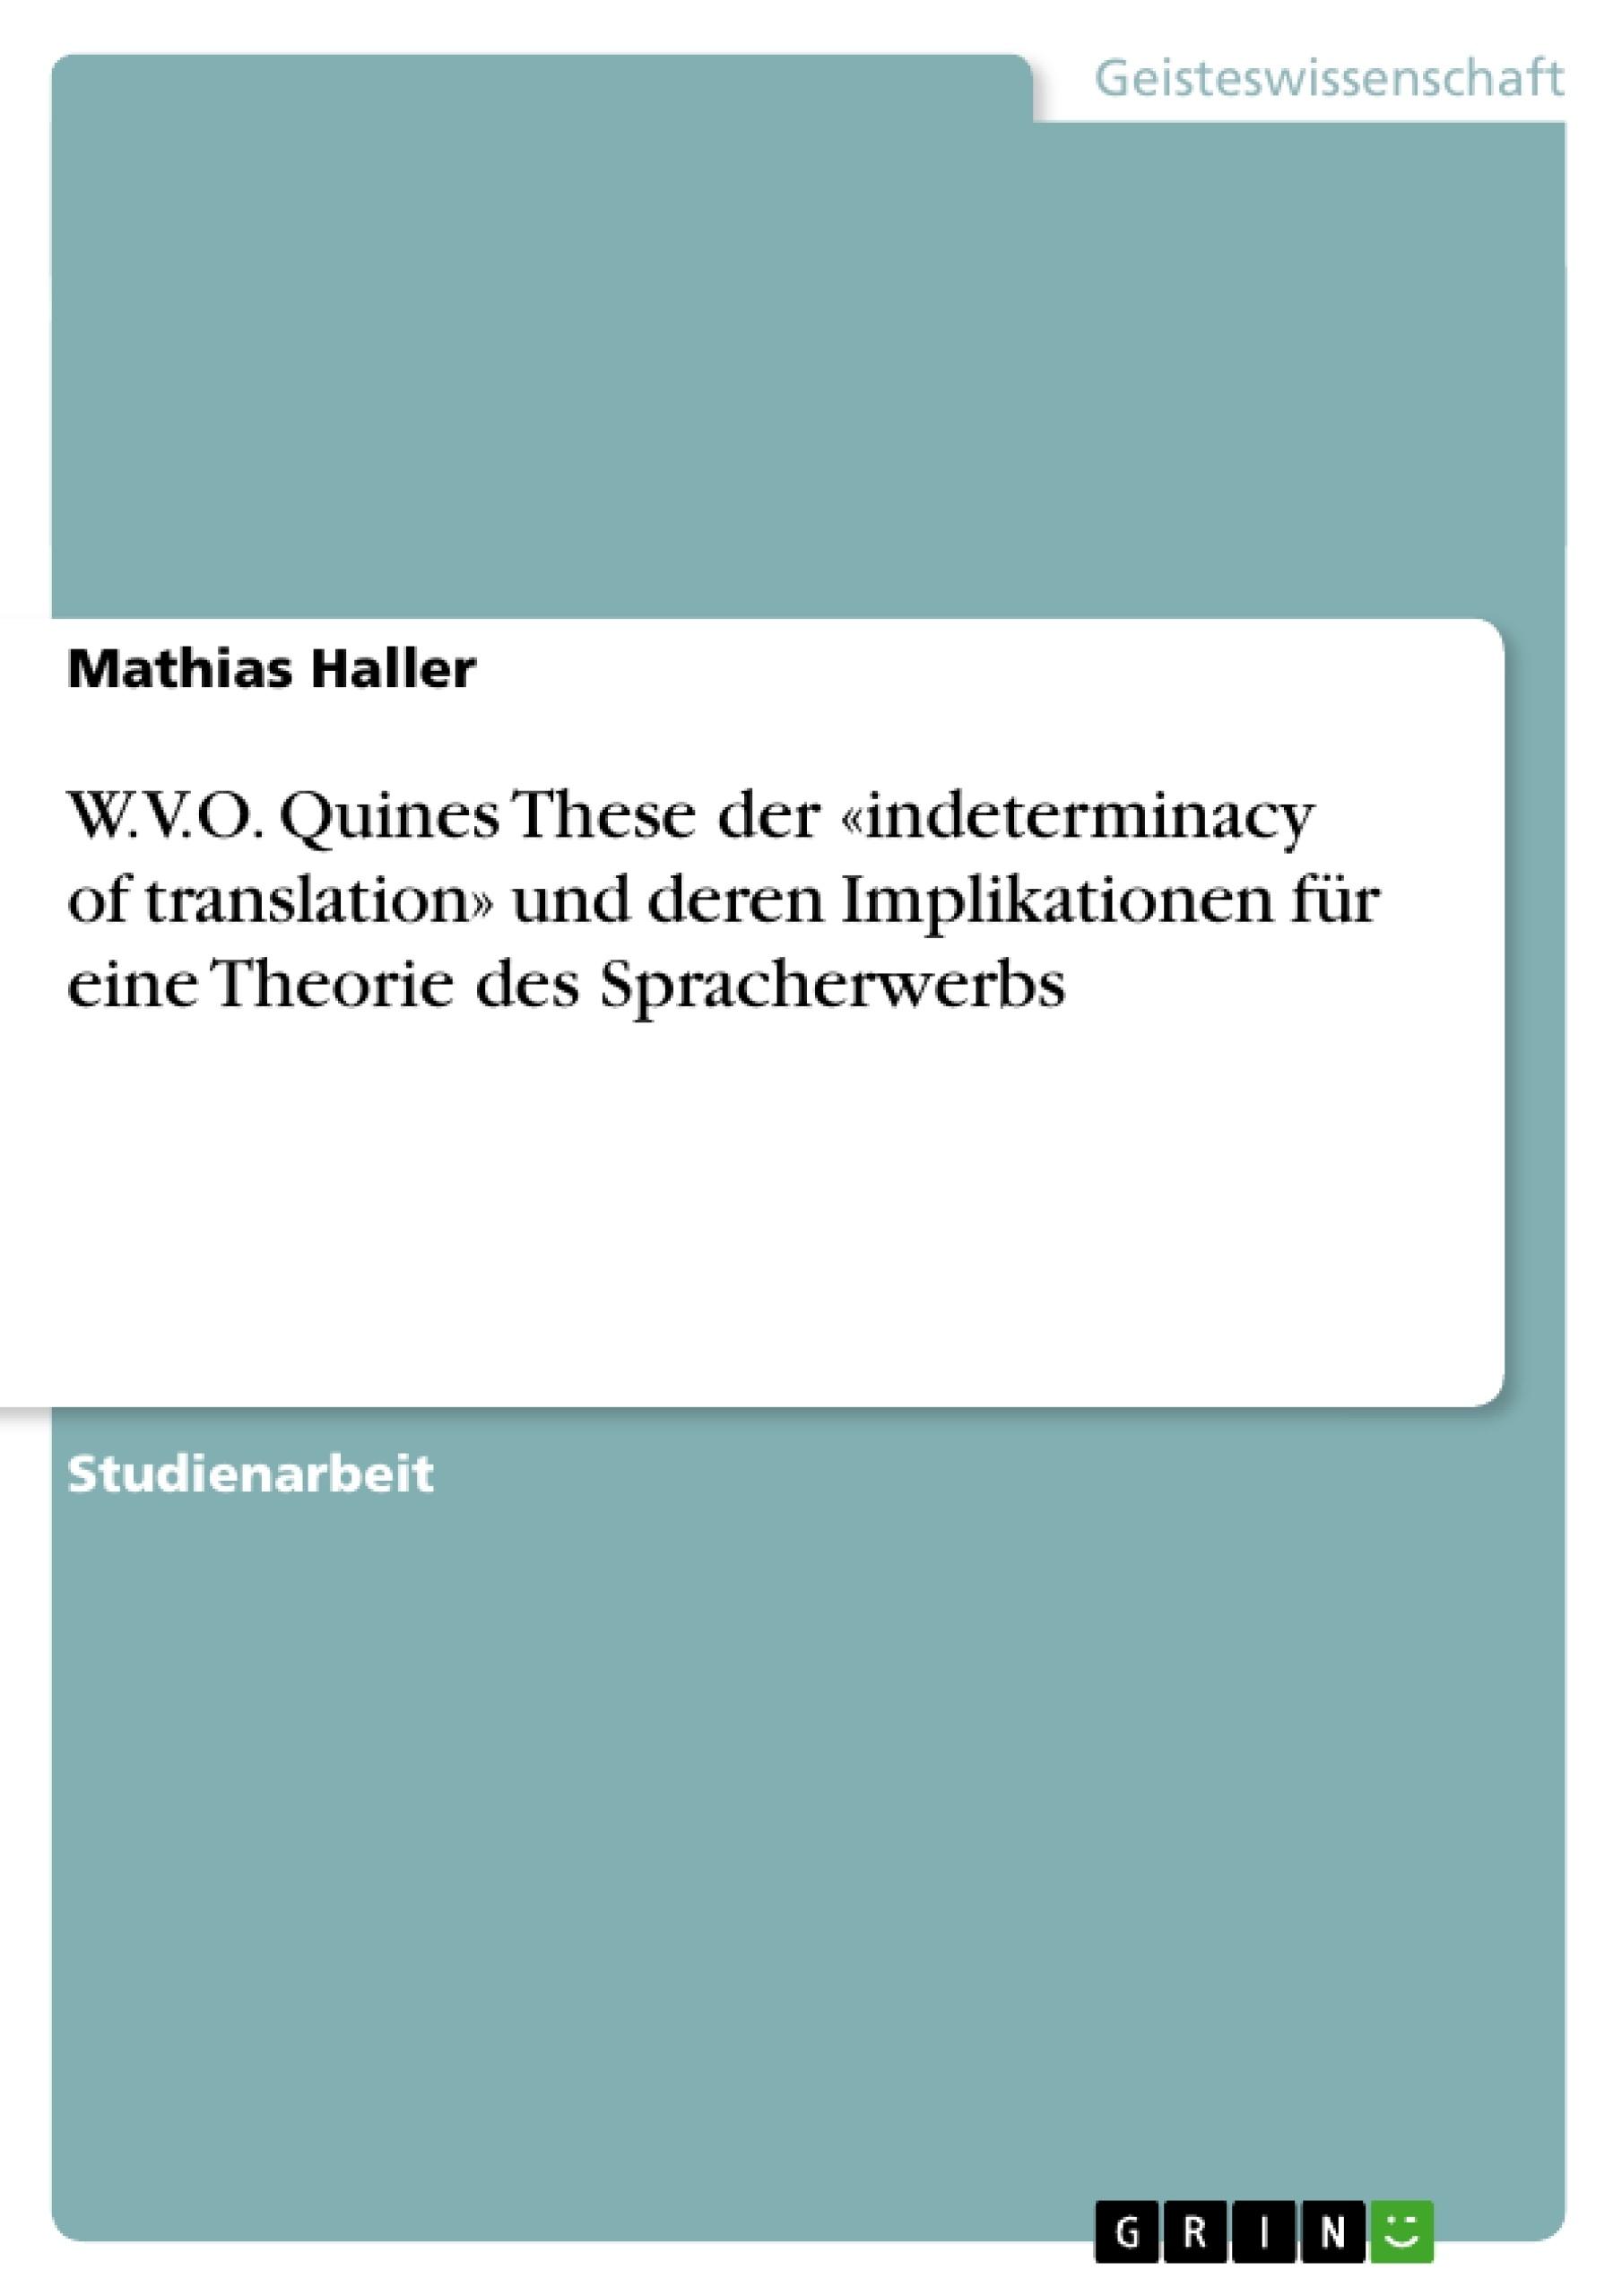 Titel: W.V.O. Quines These der «indeterminacy of translation» und deren Implikationen für eine Theorie des Spracherwerbs